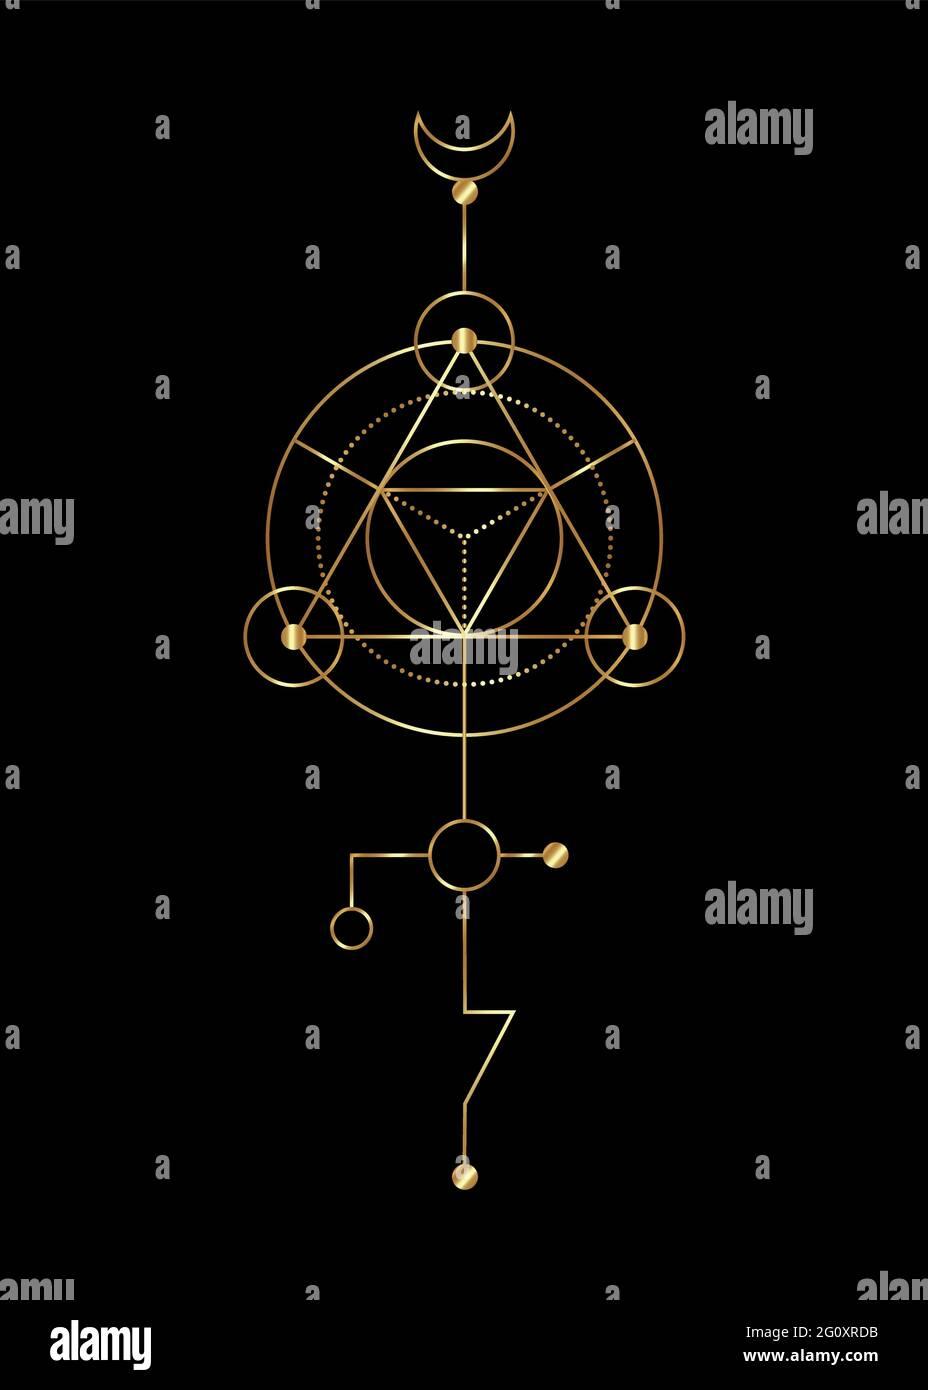 Geometría sagrada signos místicos abstractos. Merkaba forma de triángulo geométrico de línea delgada, símbolos esotéricos o espirituales, aislados sobre fondo negro. Oro l Ilustración del Vector